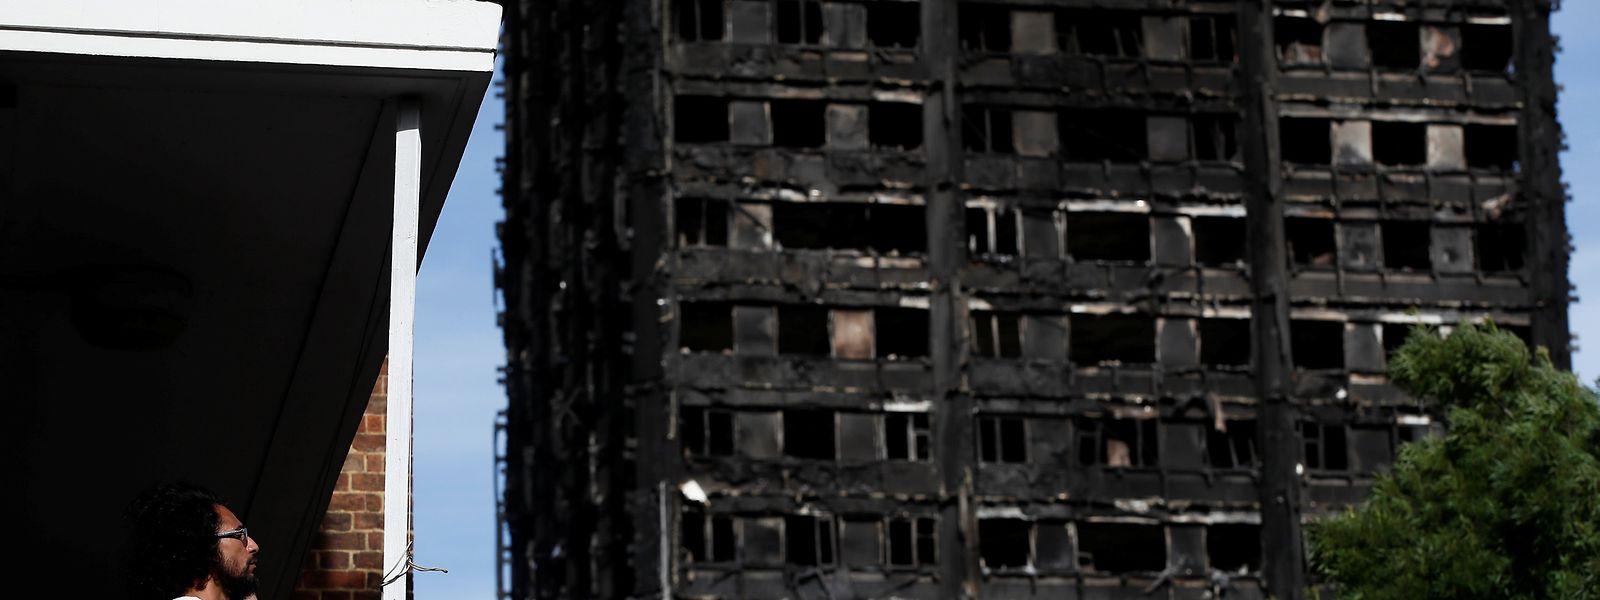 Die Grenfell-Mieterinitiative teilte mit, man habe wegen der schlechten Sicherheitsstandards in dem Hochhaus in den vergangenen Jahren häufig gewarnt.